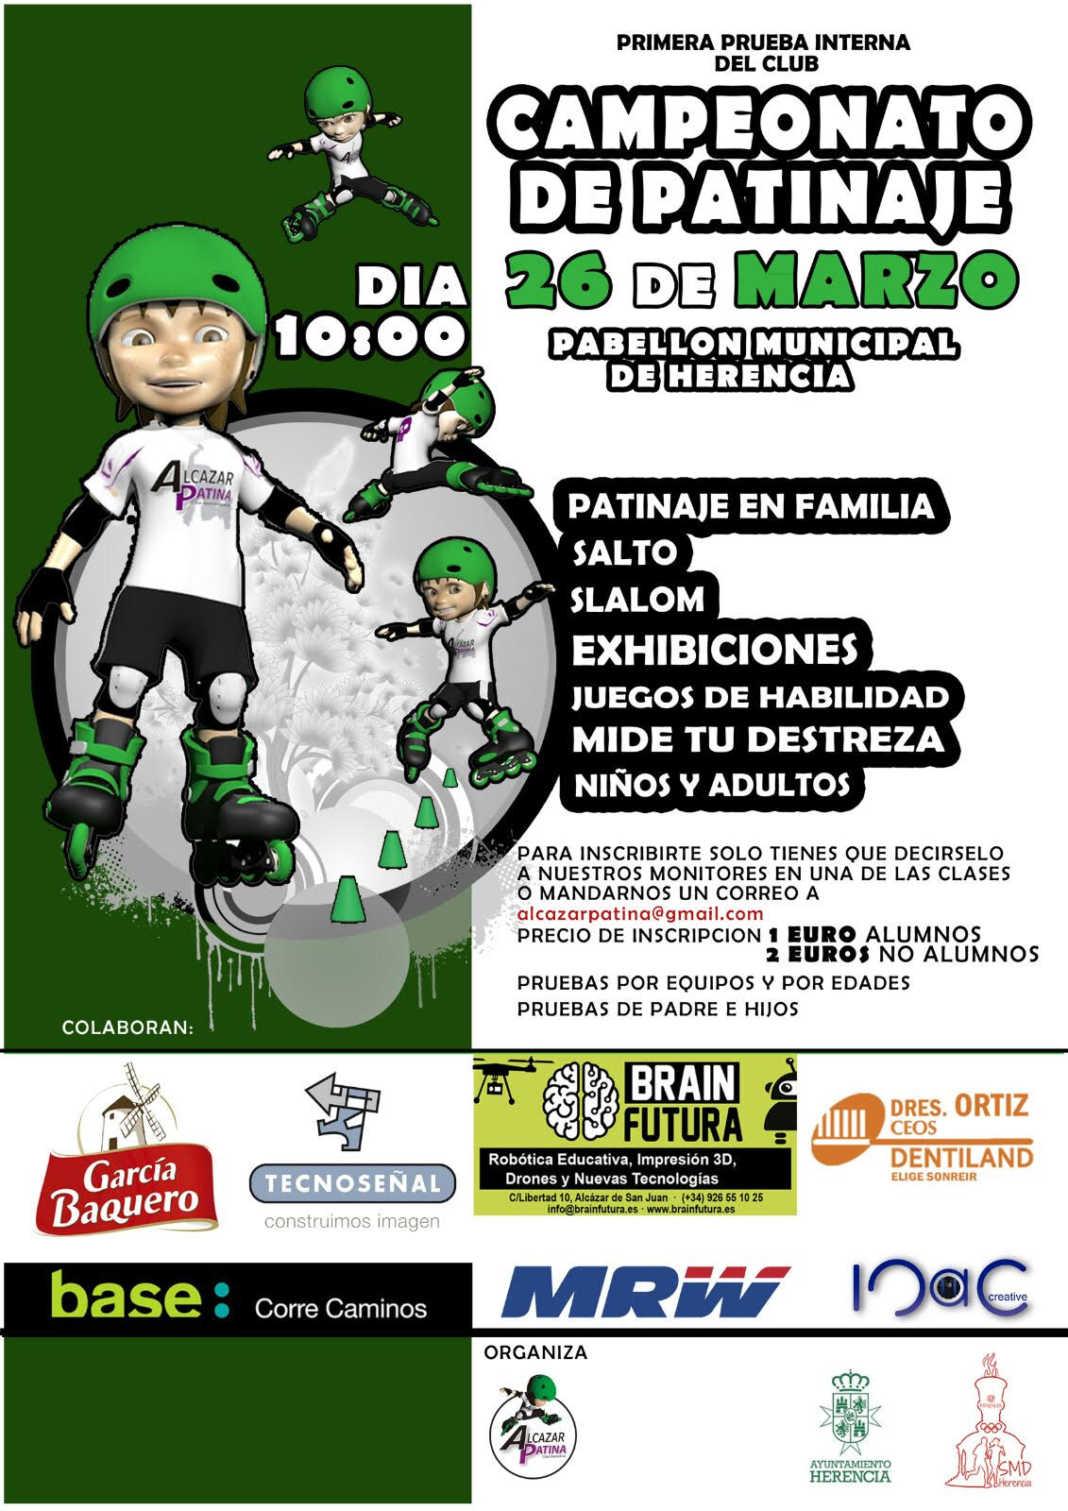 El próximo 26 de marzo tendrá lugar un campeonato de patinaje 2